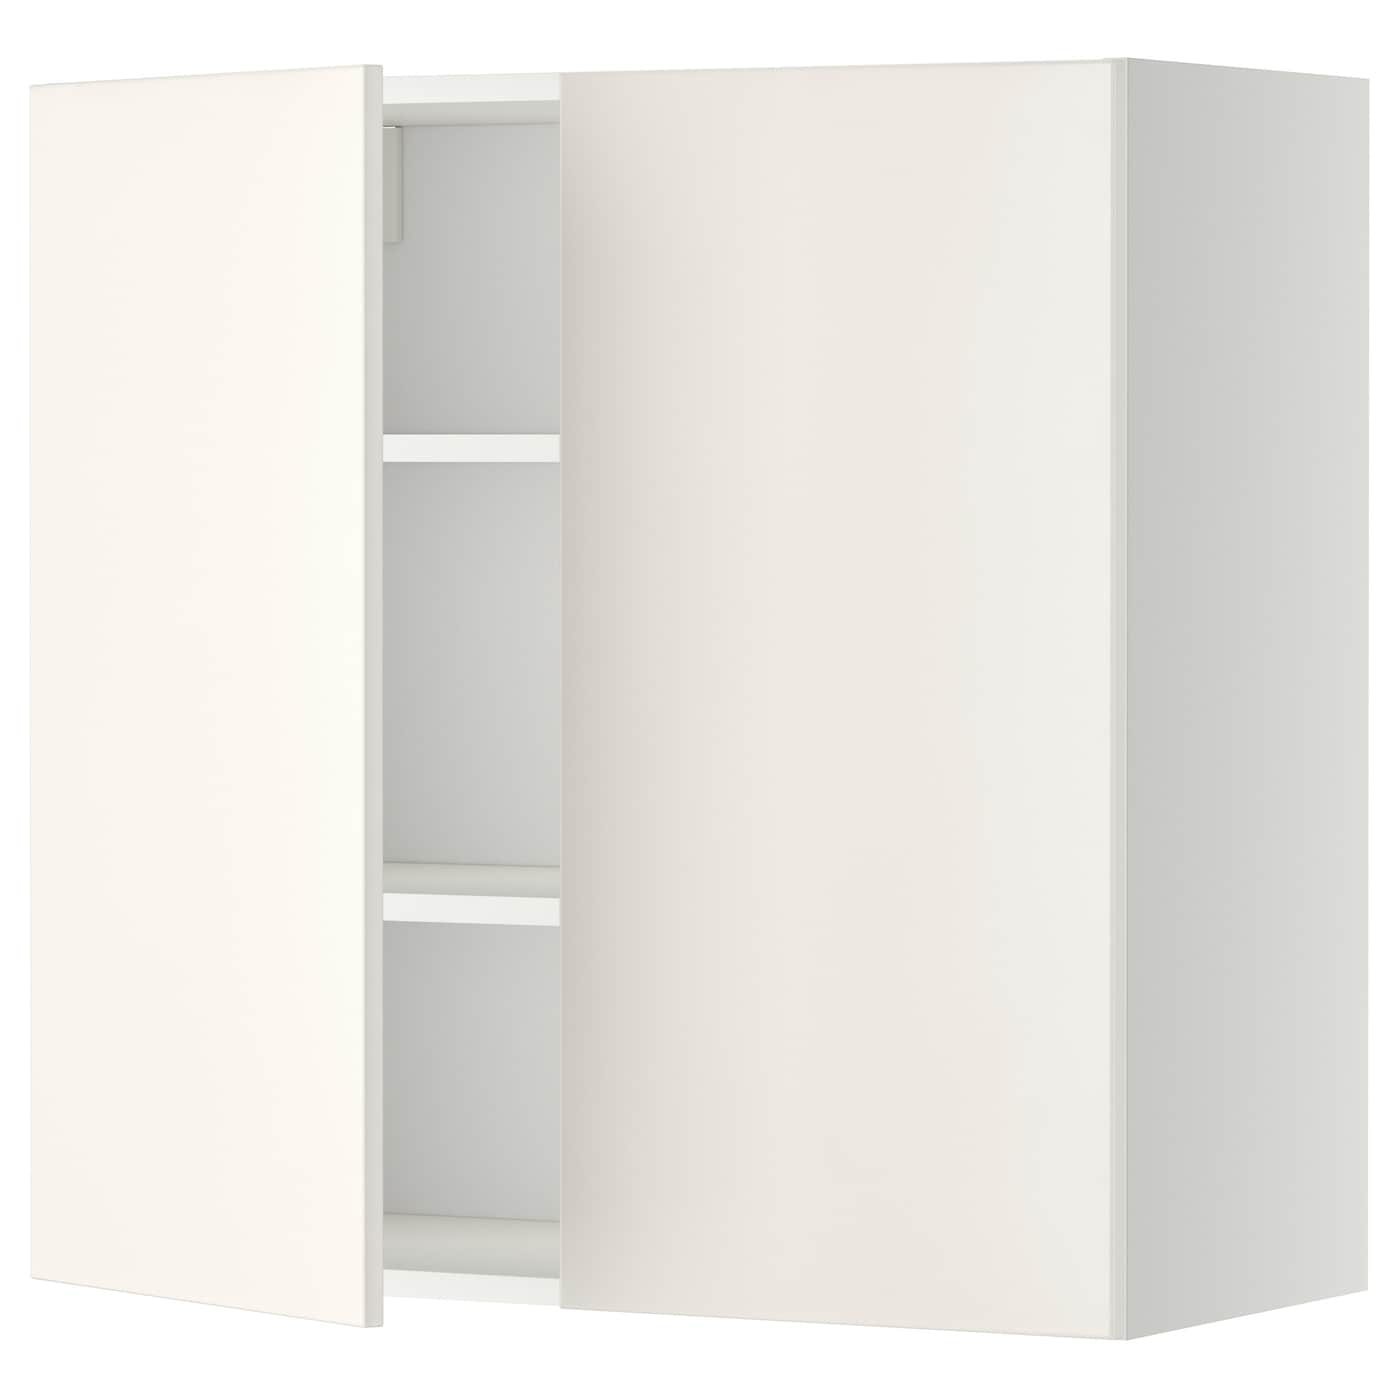 METOD Wandschrank mit Böden und 21 Türen   weiß/Veddinge weiß 21x21 cm